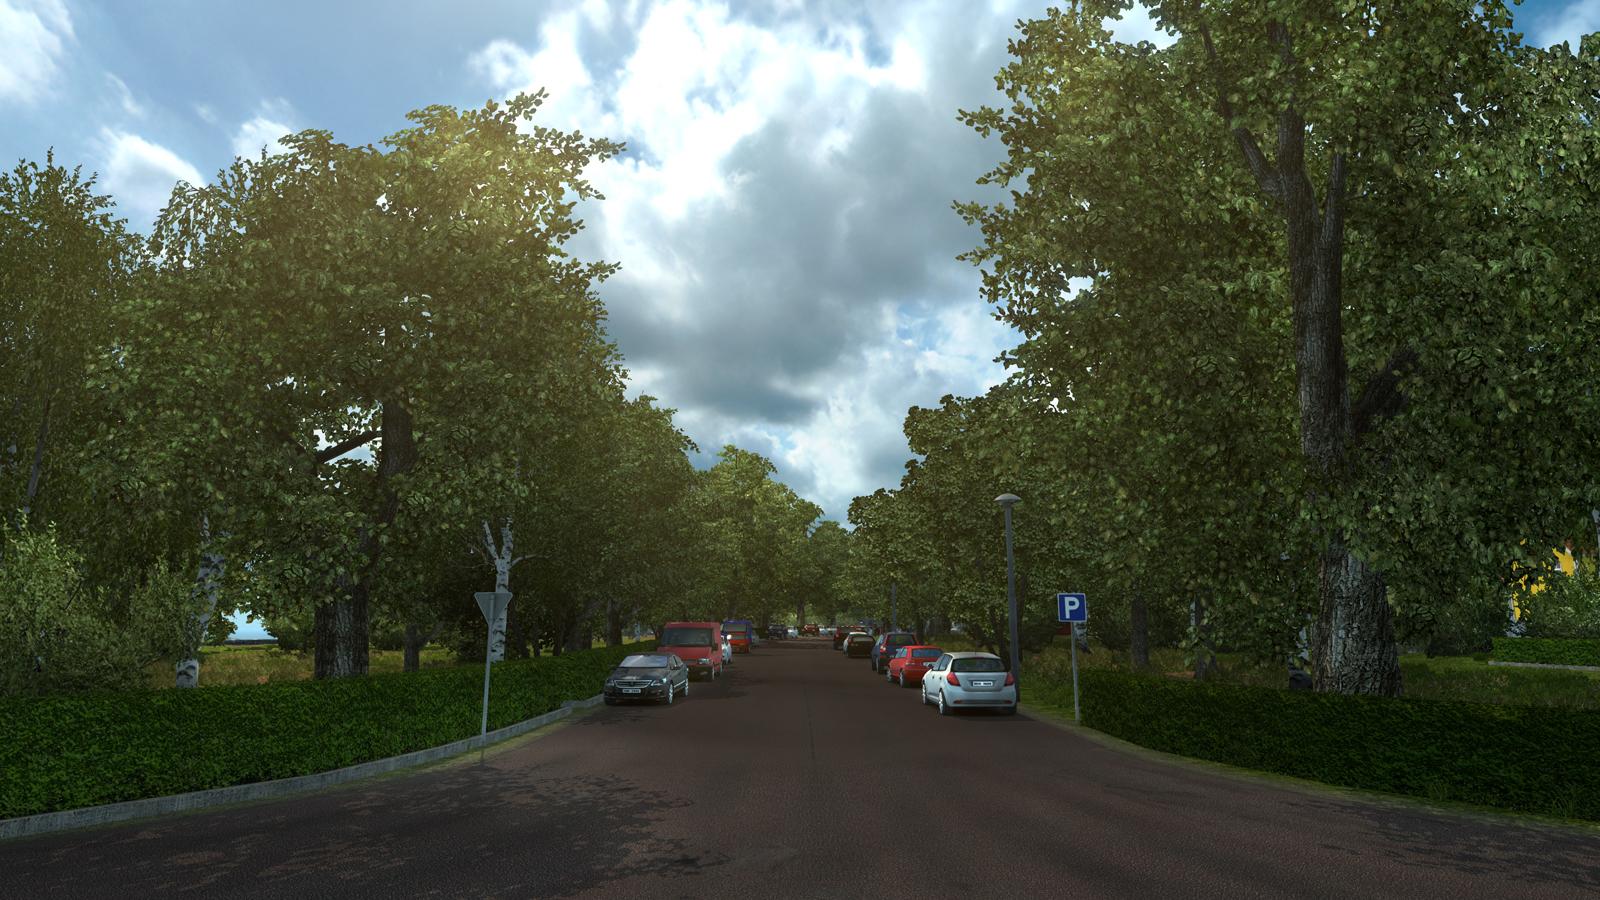 http://4.bp.blogspot.com/-g0gnM3AsEsw/VK6okq9TUCI/AAAAAAAABcA/qvMHJl324_I/s1600/ets2_scandinavia_kalmar_002.jpg